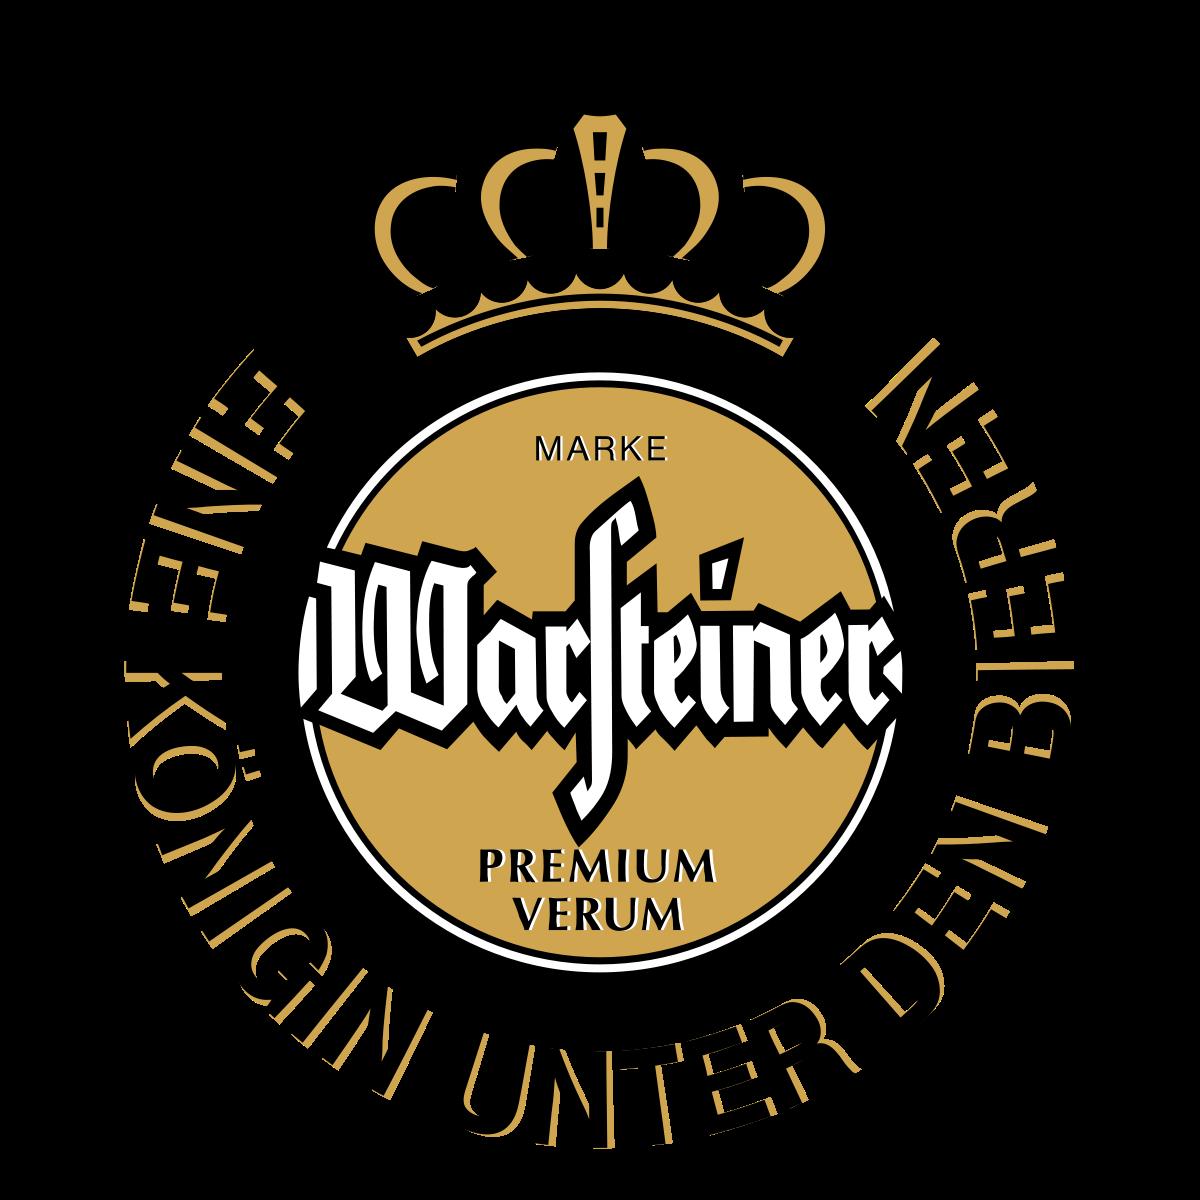 Варштайнер, Warsteiner